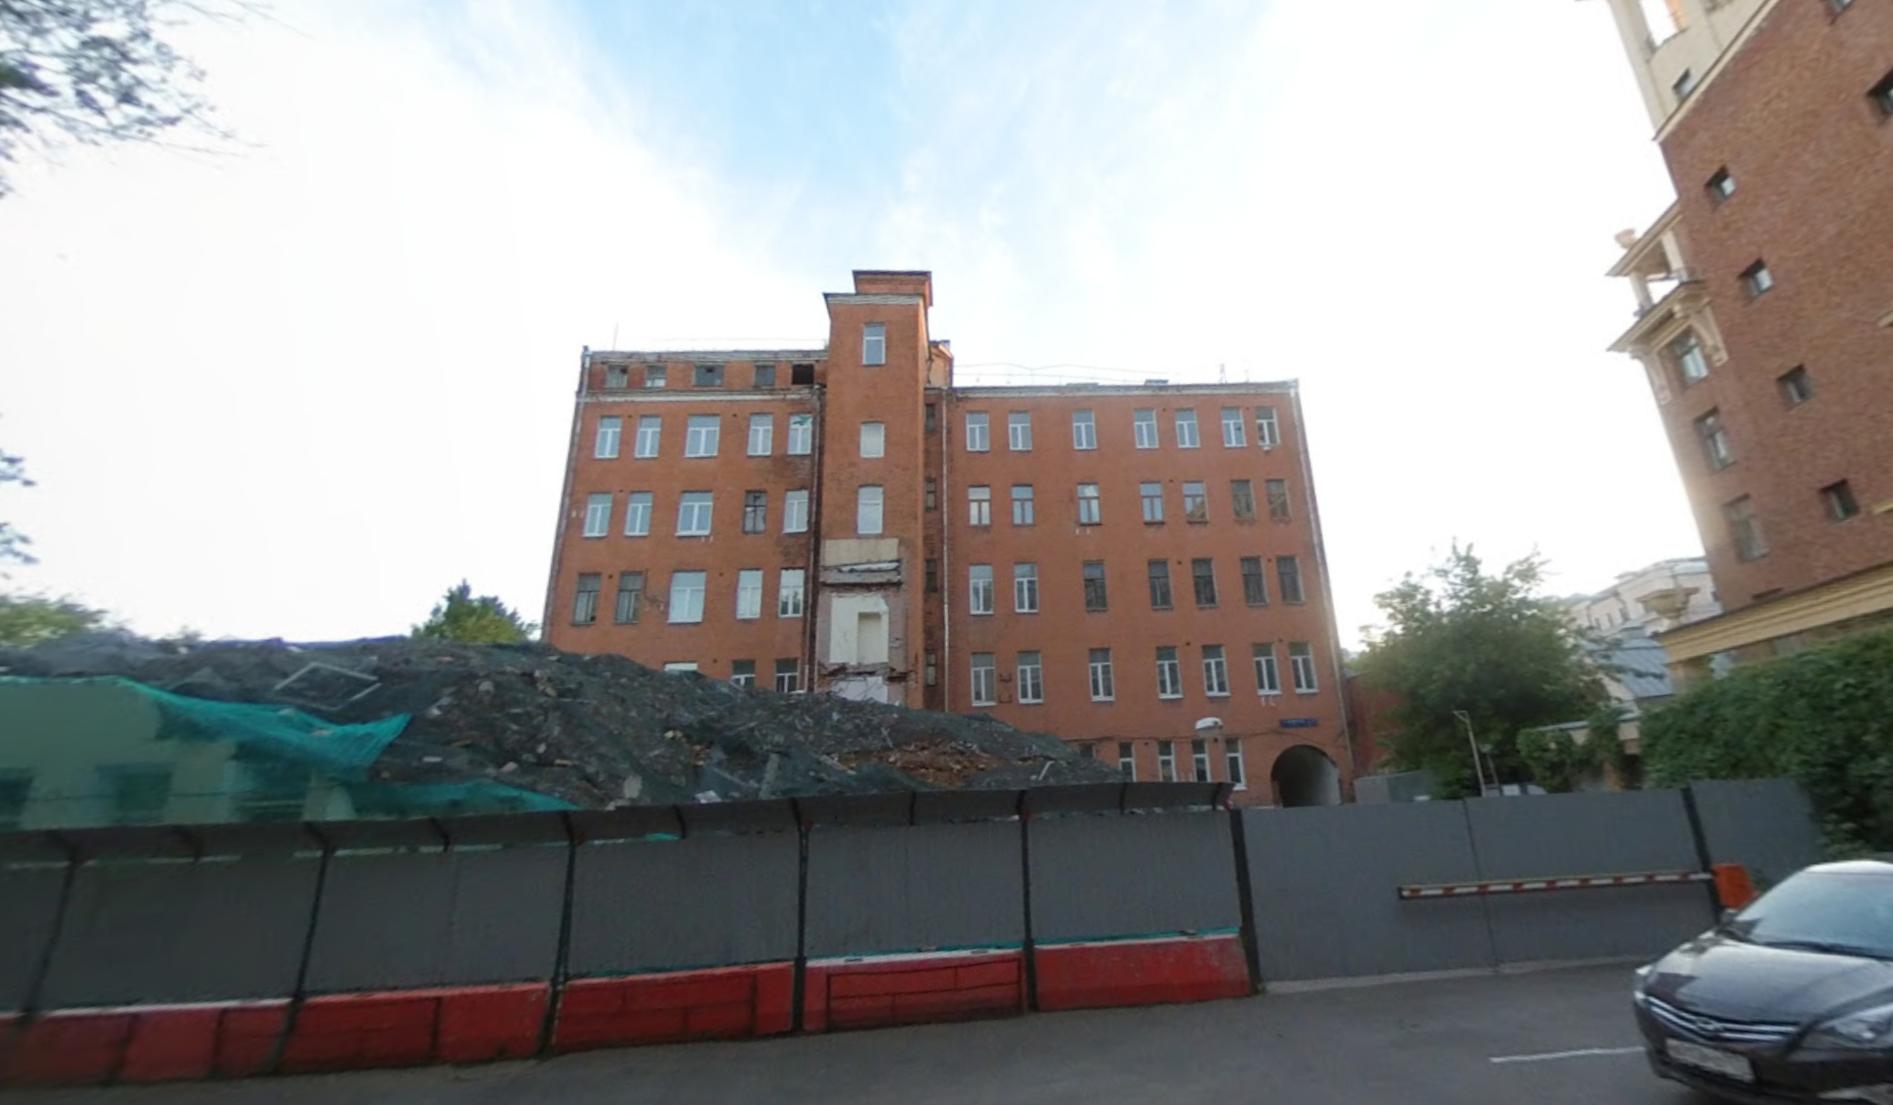 Địa chỉ nơi Lysenko đăng ký là bệnh viện trên thực tế là toà nhà đã bị phá bỏ ở Moscow. Ảnh: Google Map